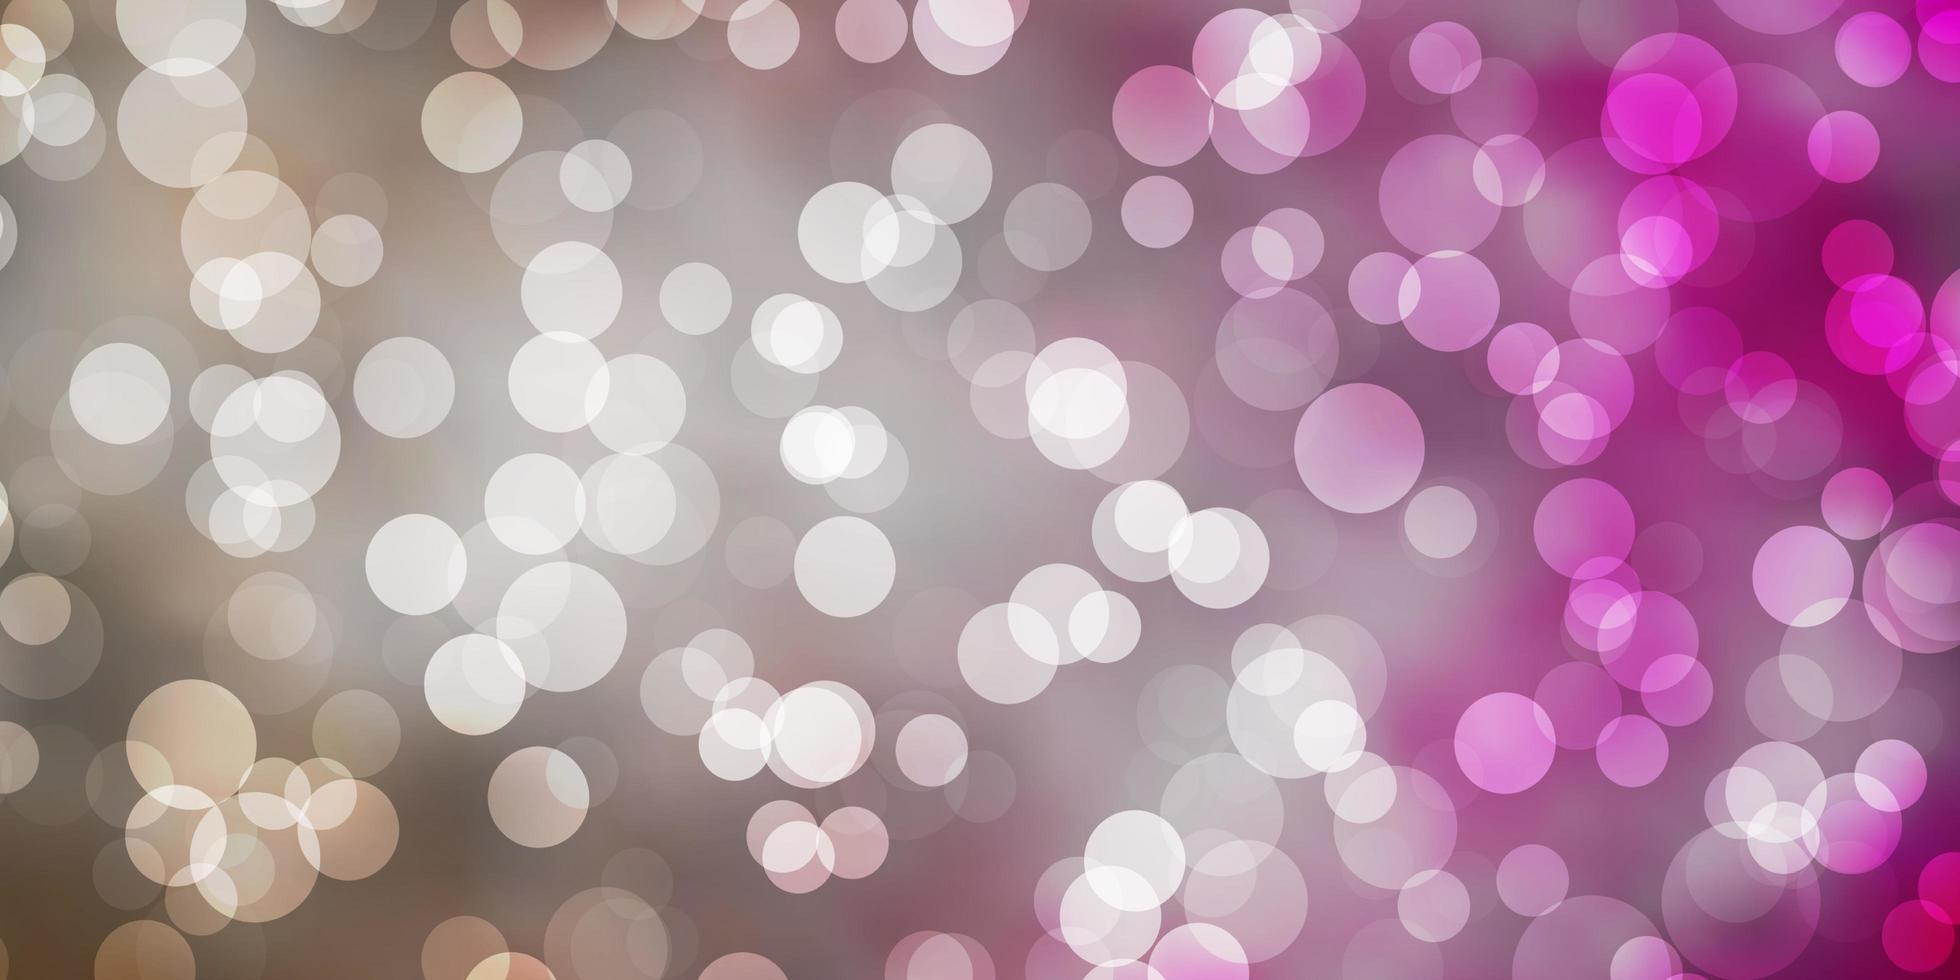 sfondo vettoriale rosa chiaro con punti.